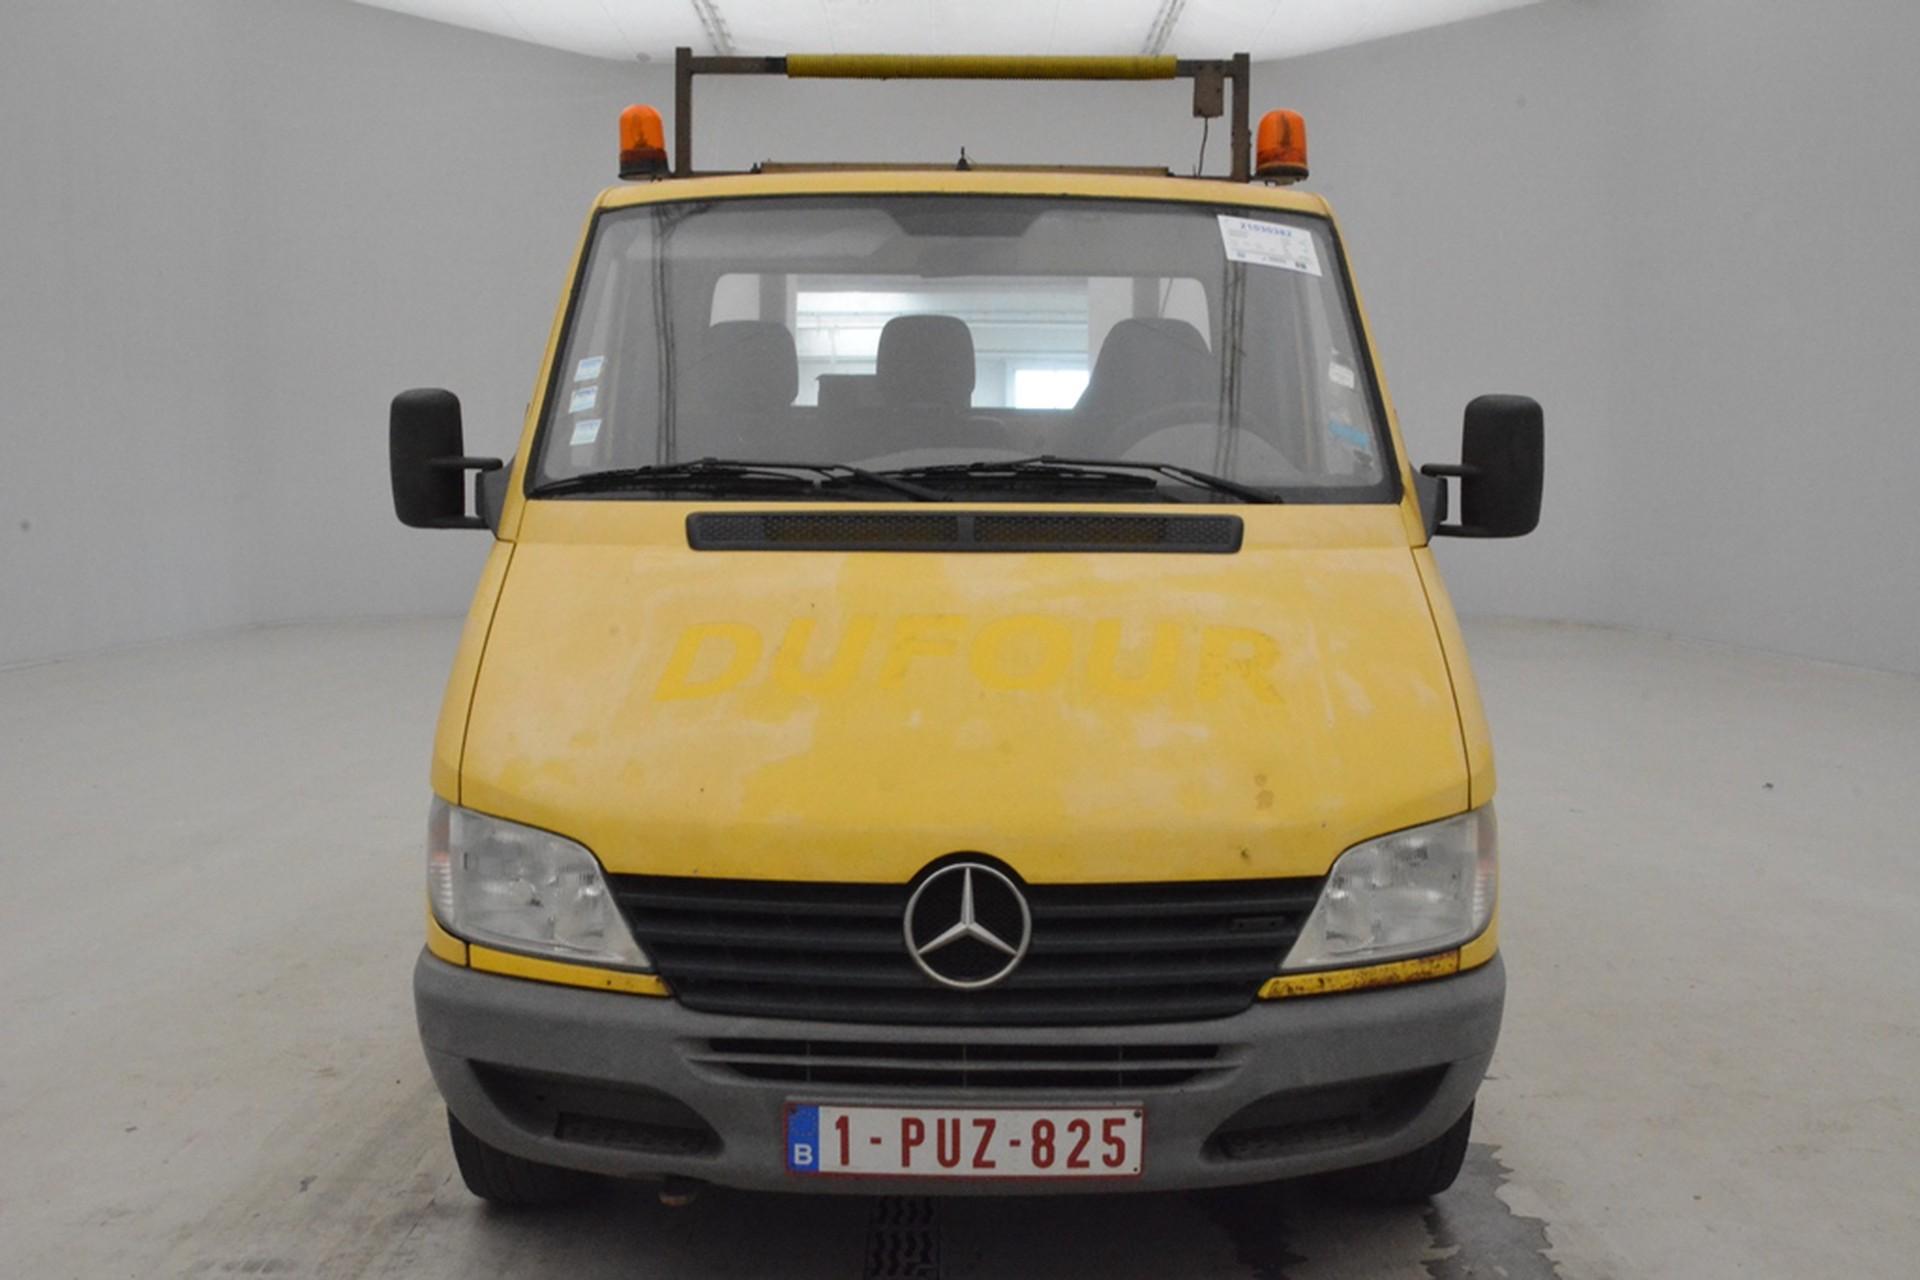 Mercedes-Benz 313 CDi